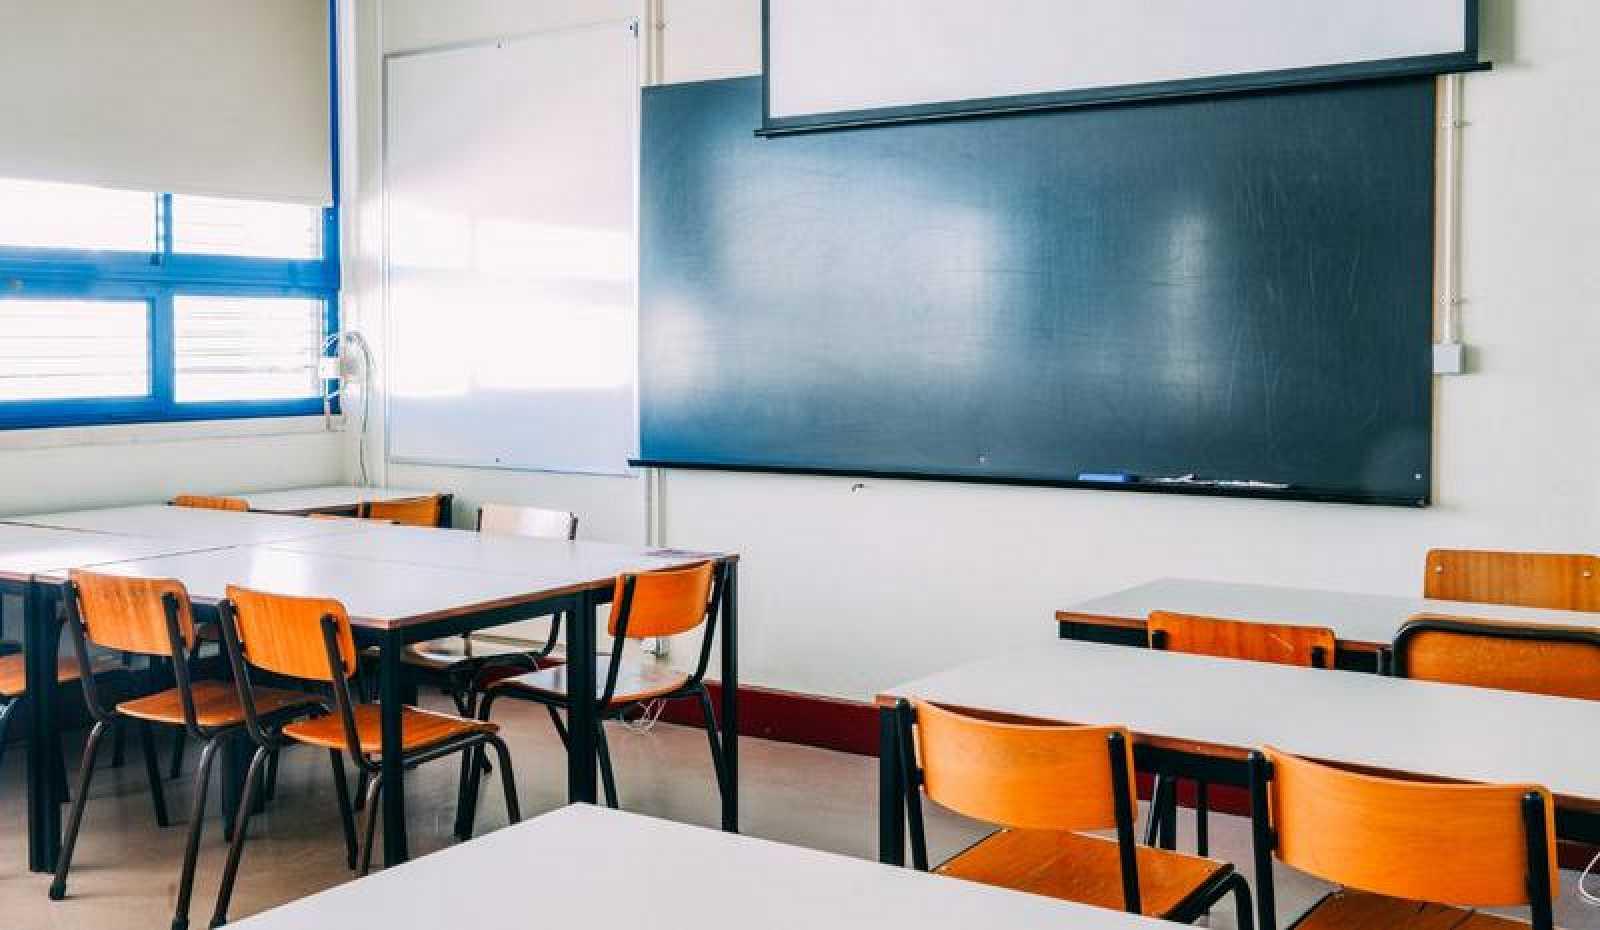 Interior de una aula de primaria.